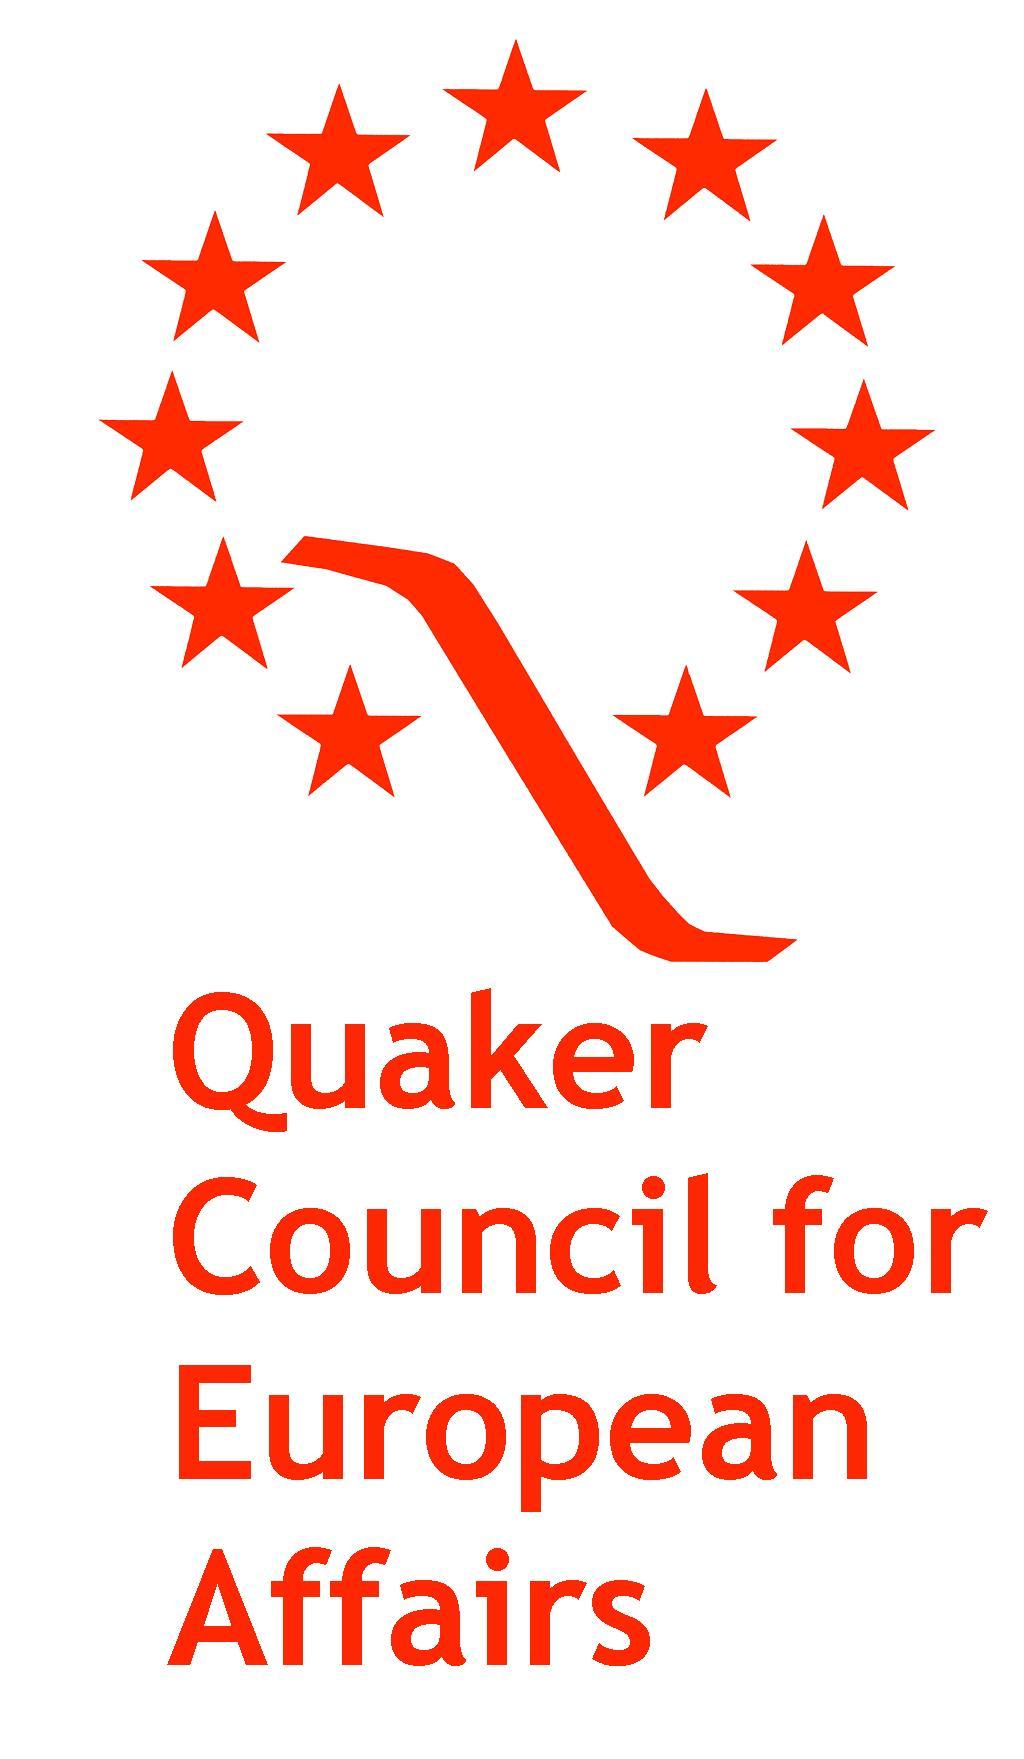 logo for Quaker Council for European Affairs